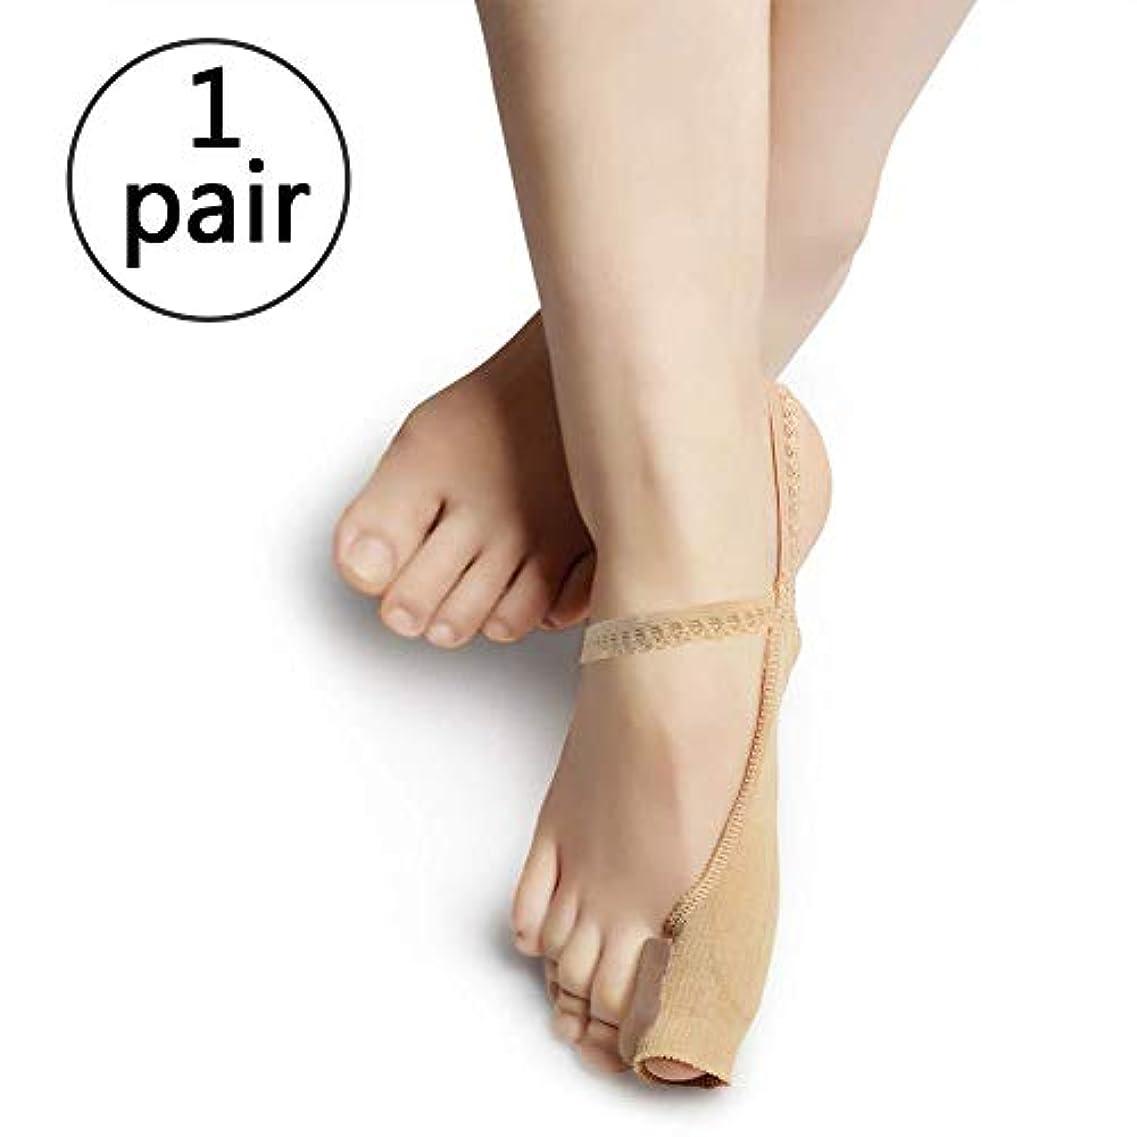 程度同様の自分の力ですべてをする腱膜瘤矯正装置、つま先オーバーラップつま先カバーのユニークなかかとストラップは簡単に倒れません。,S